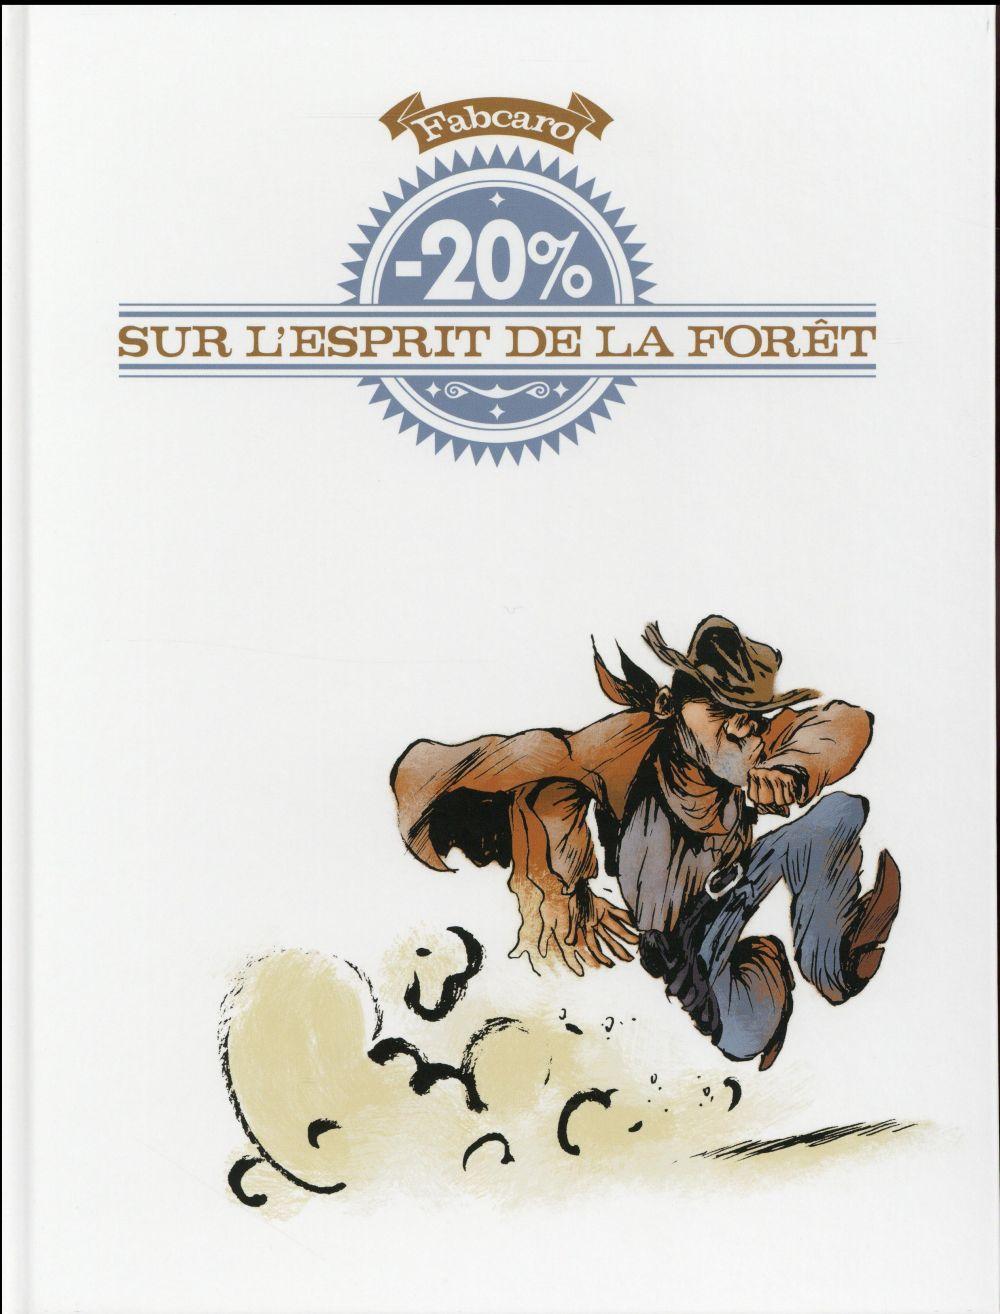 -20% SUR L'ESPRIT DE LA FORET